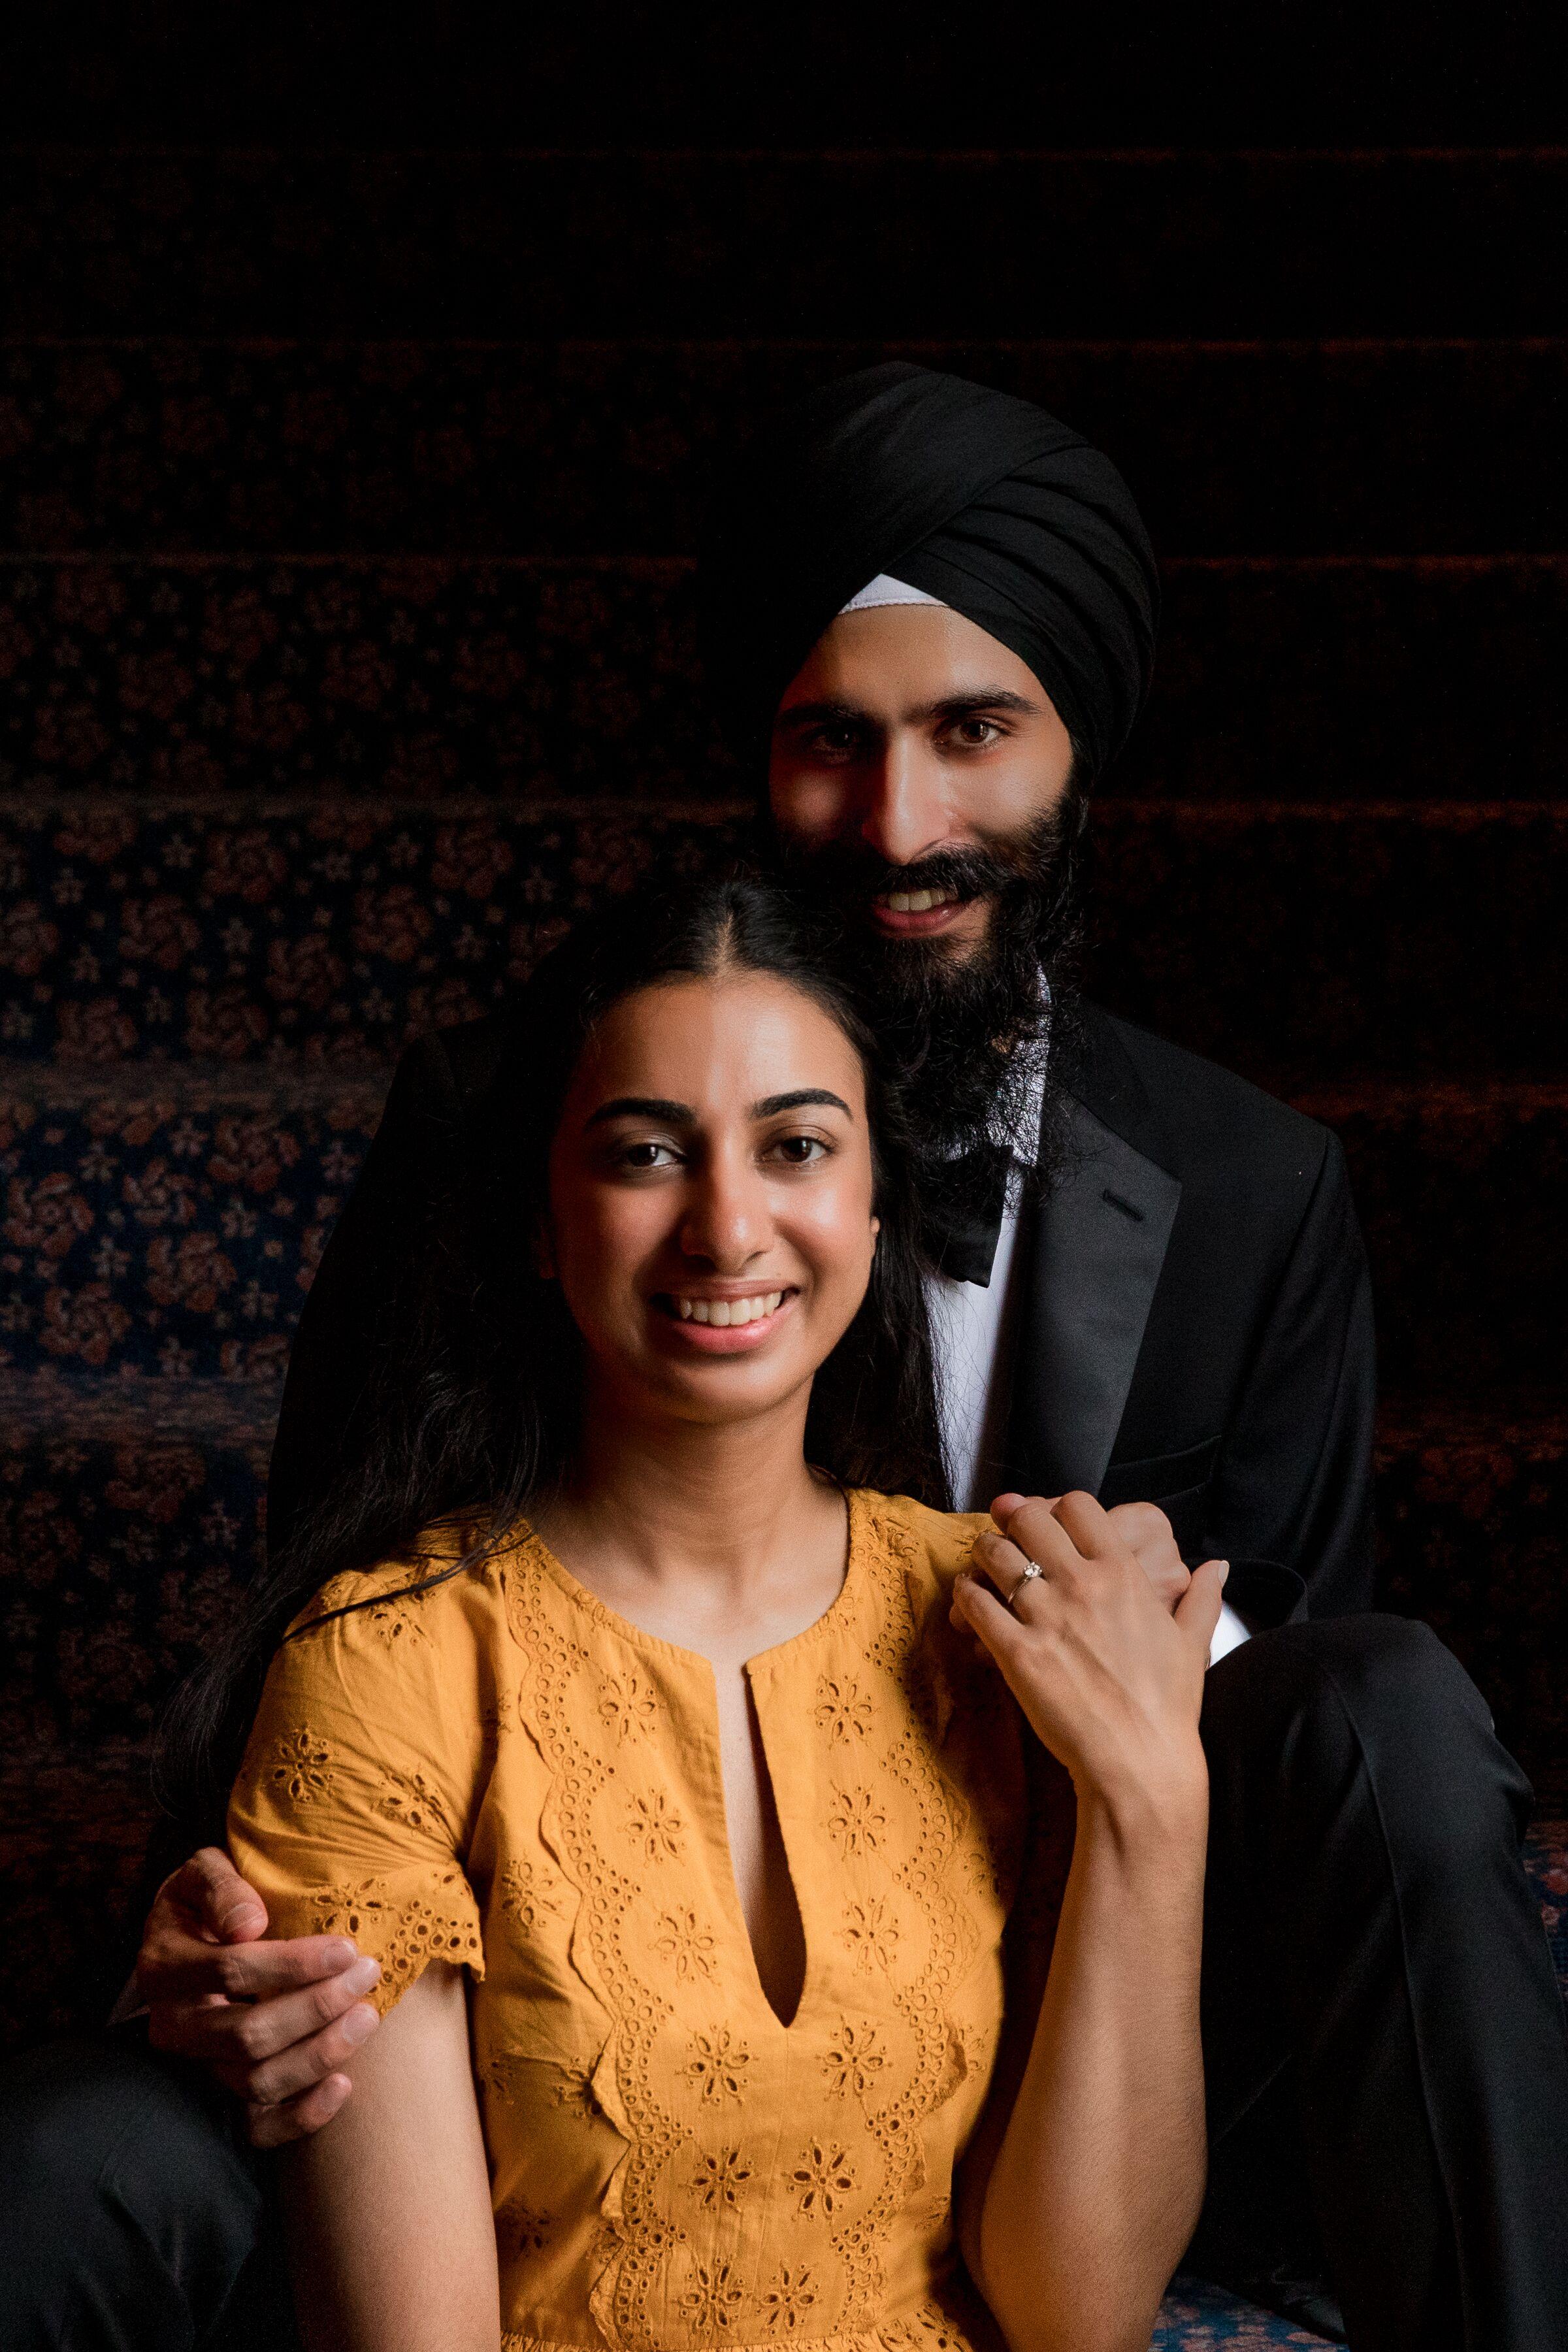 Image 1 of Benita and Prateek